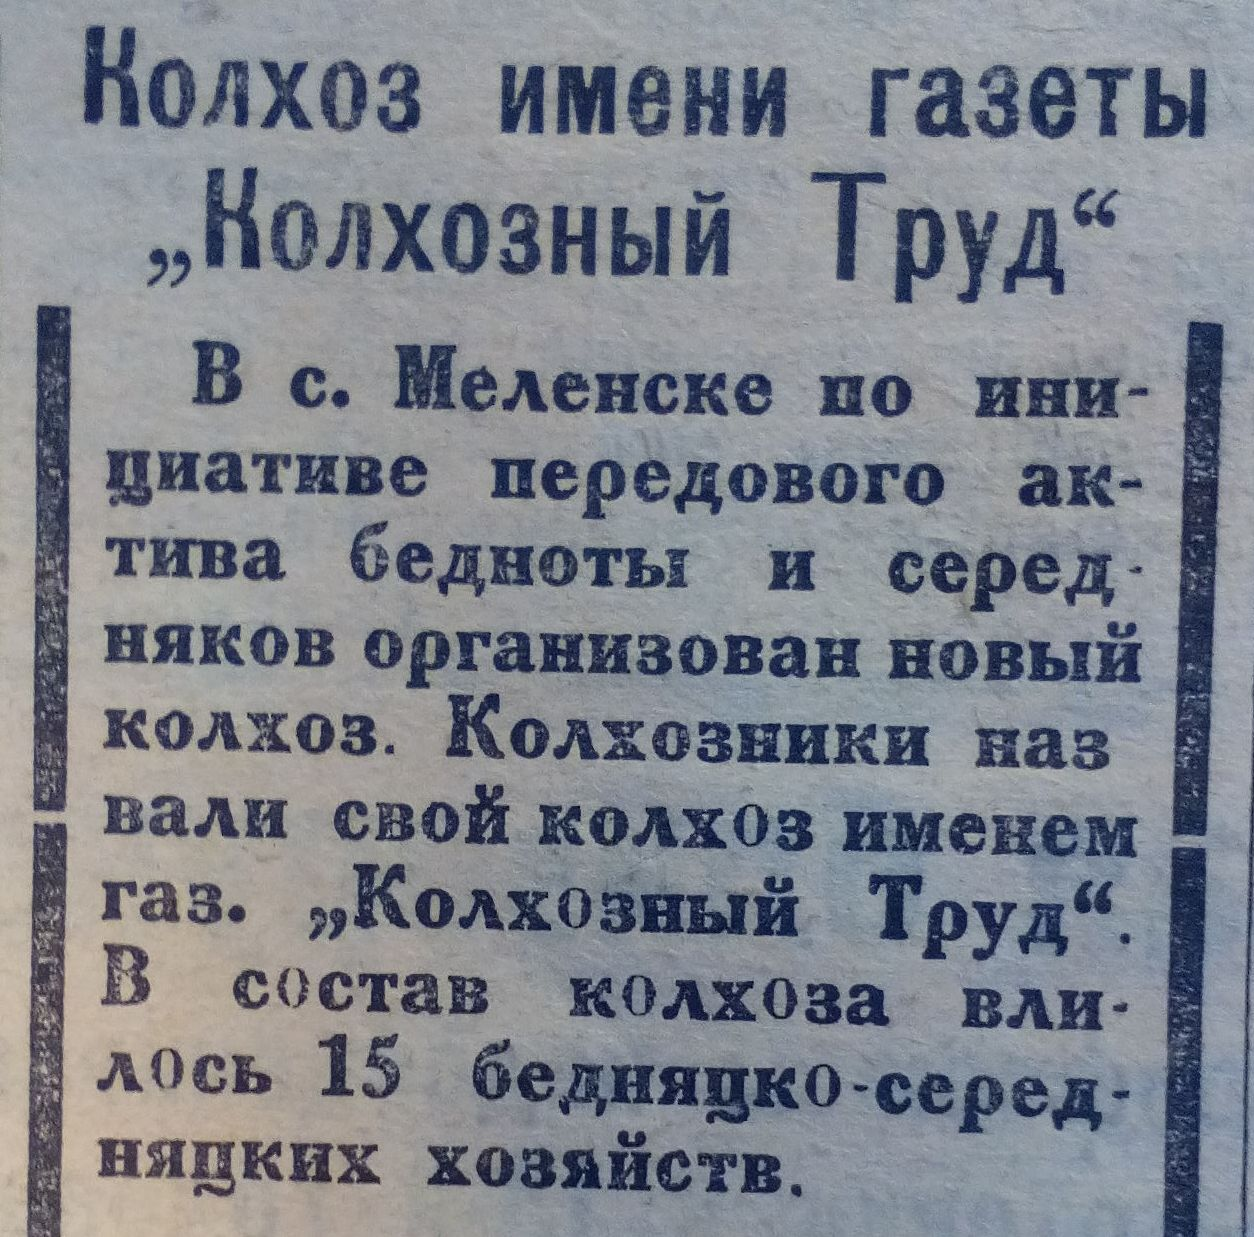 Шамбер, Меленск, Стародубский район, Стародубский уезд, Брянская область, Брянщина